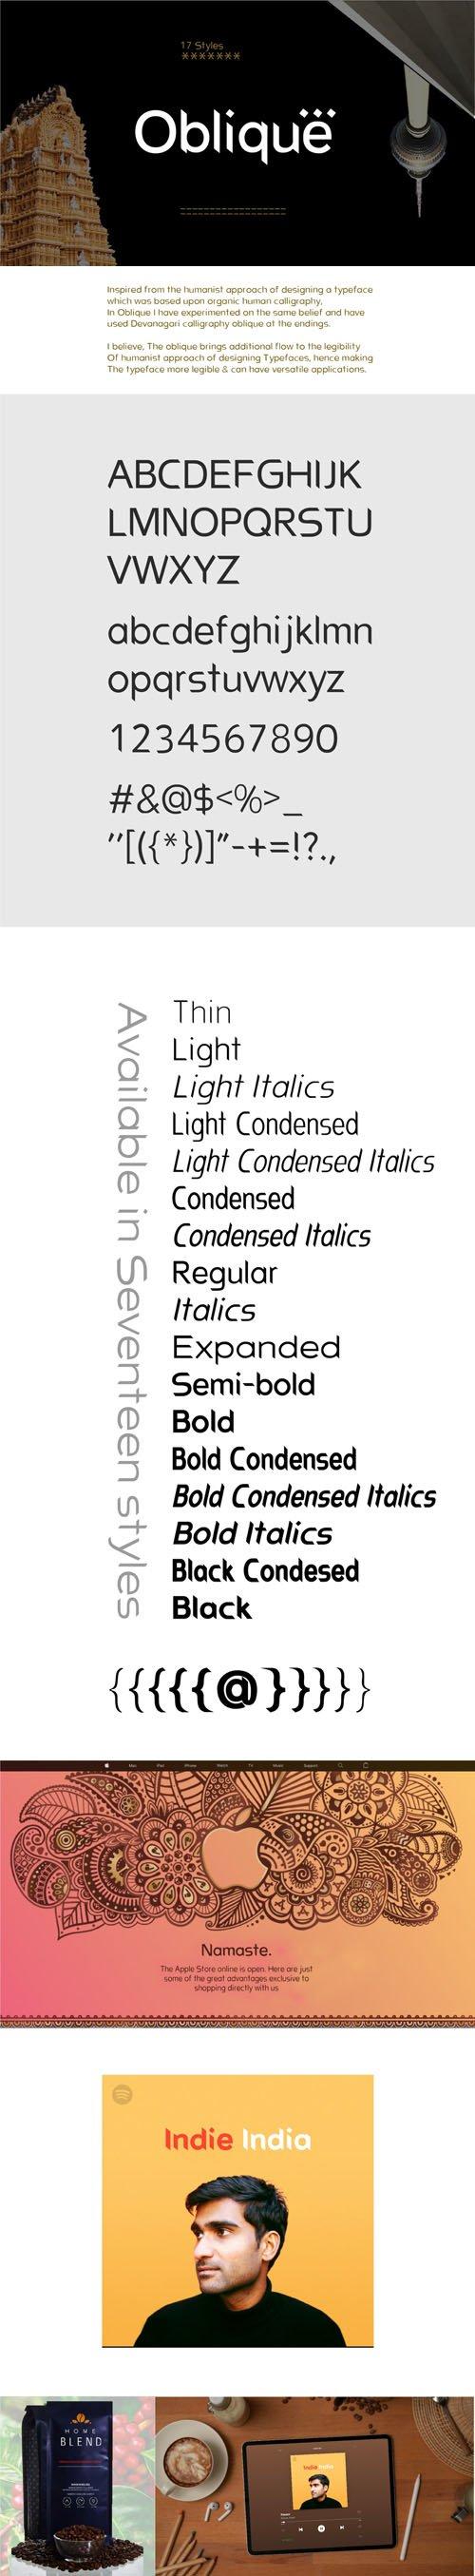 Oblique - Sans Serif Typeface [17-Weights]